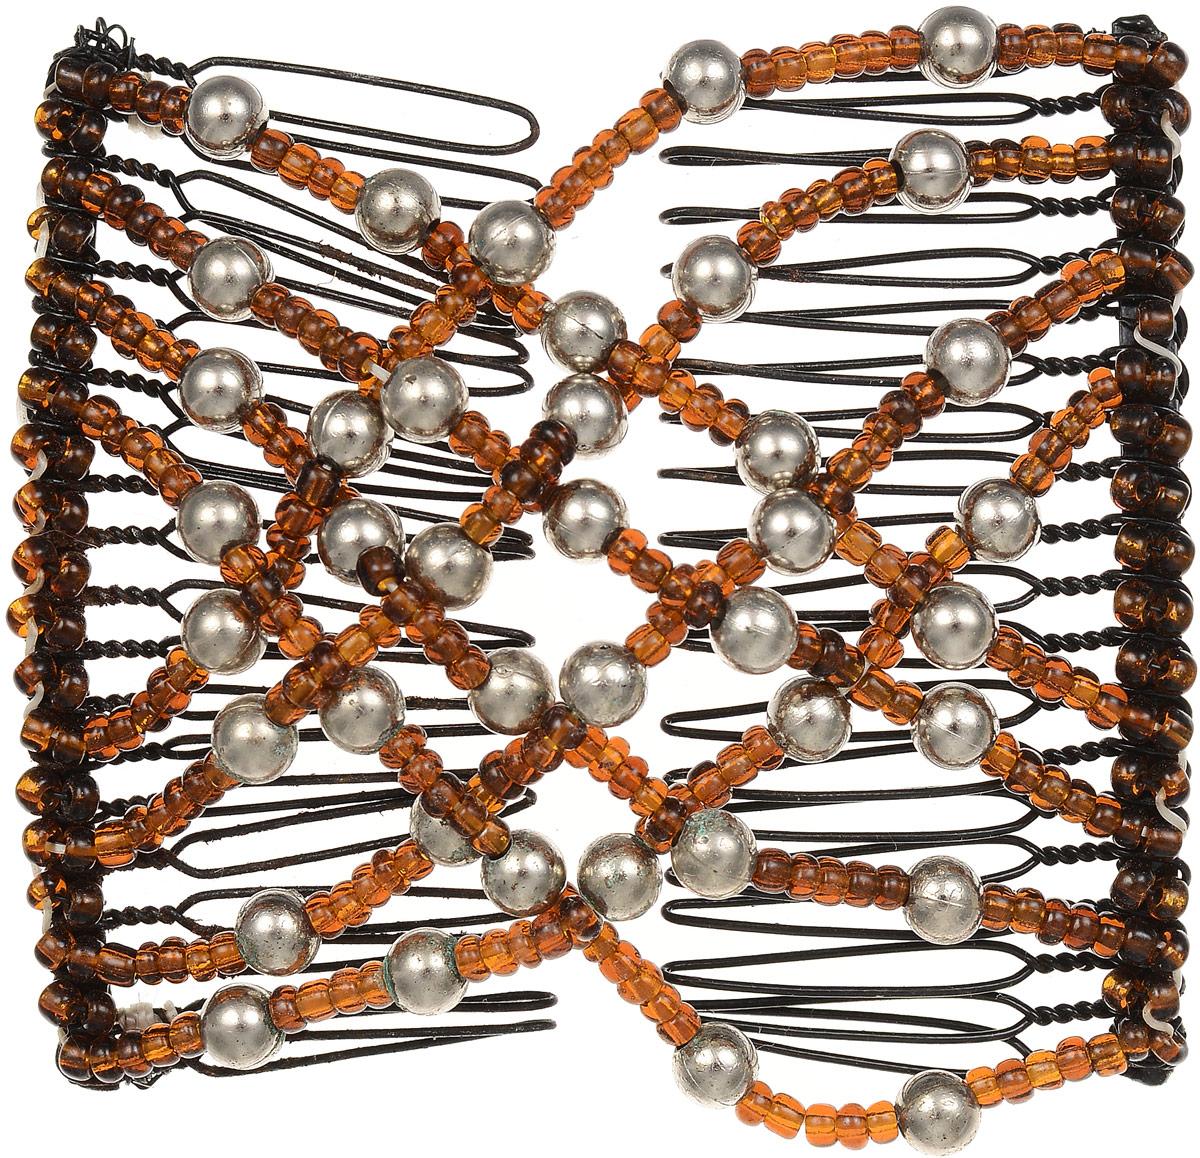 EZ-Combs Заколка Изи-Комбс, одинарная, цвет: коричневый, серебристый. ЗИО цена 2017